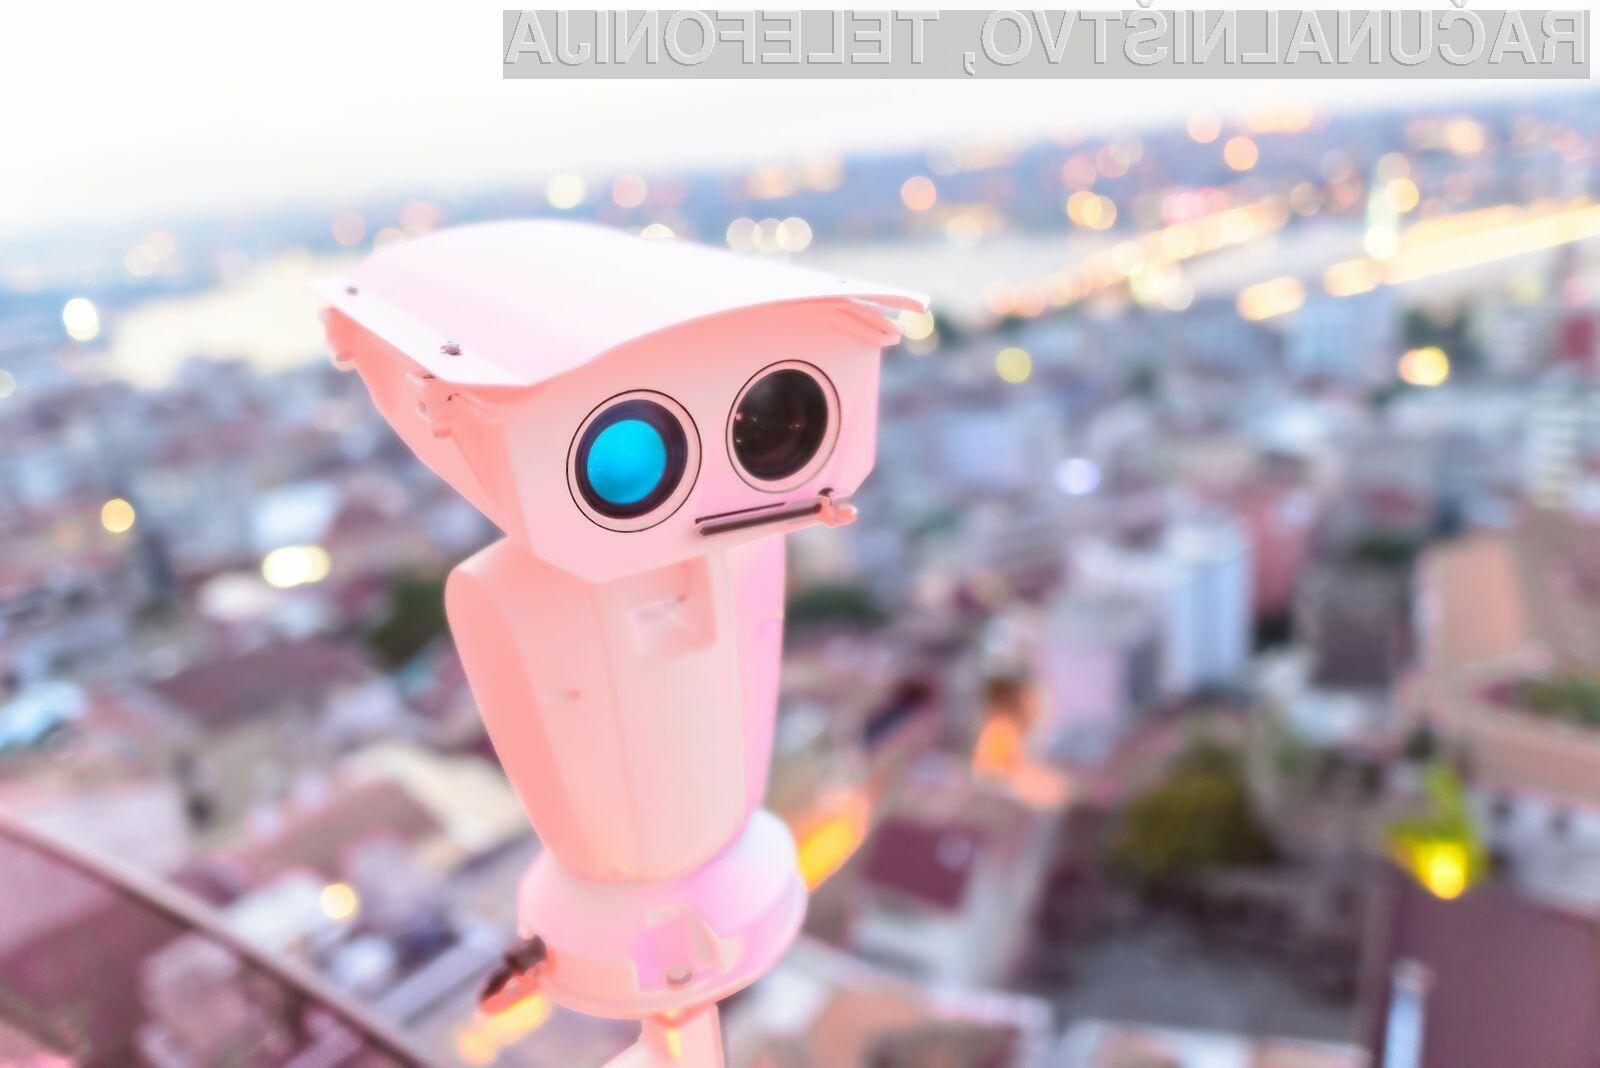 Število pametnih nadzornih kamer s tehnologijo prepoznavanja obrazov se bo v prihodnih letih zagotovo znatno povečalo.